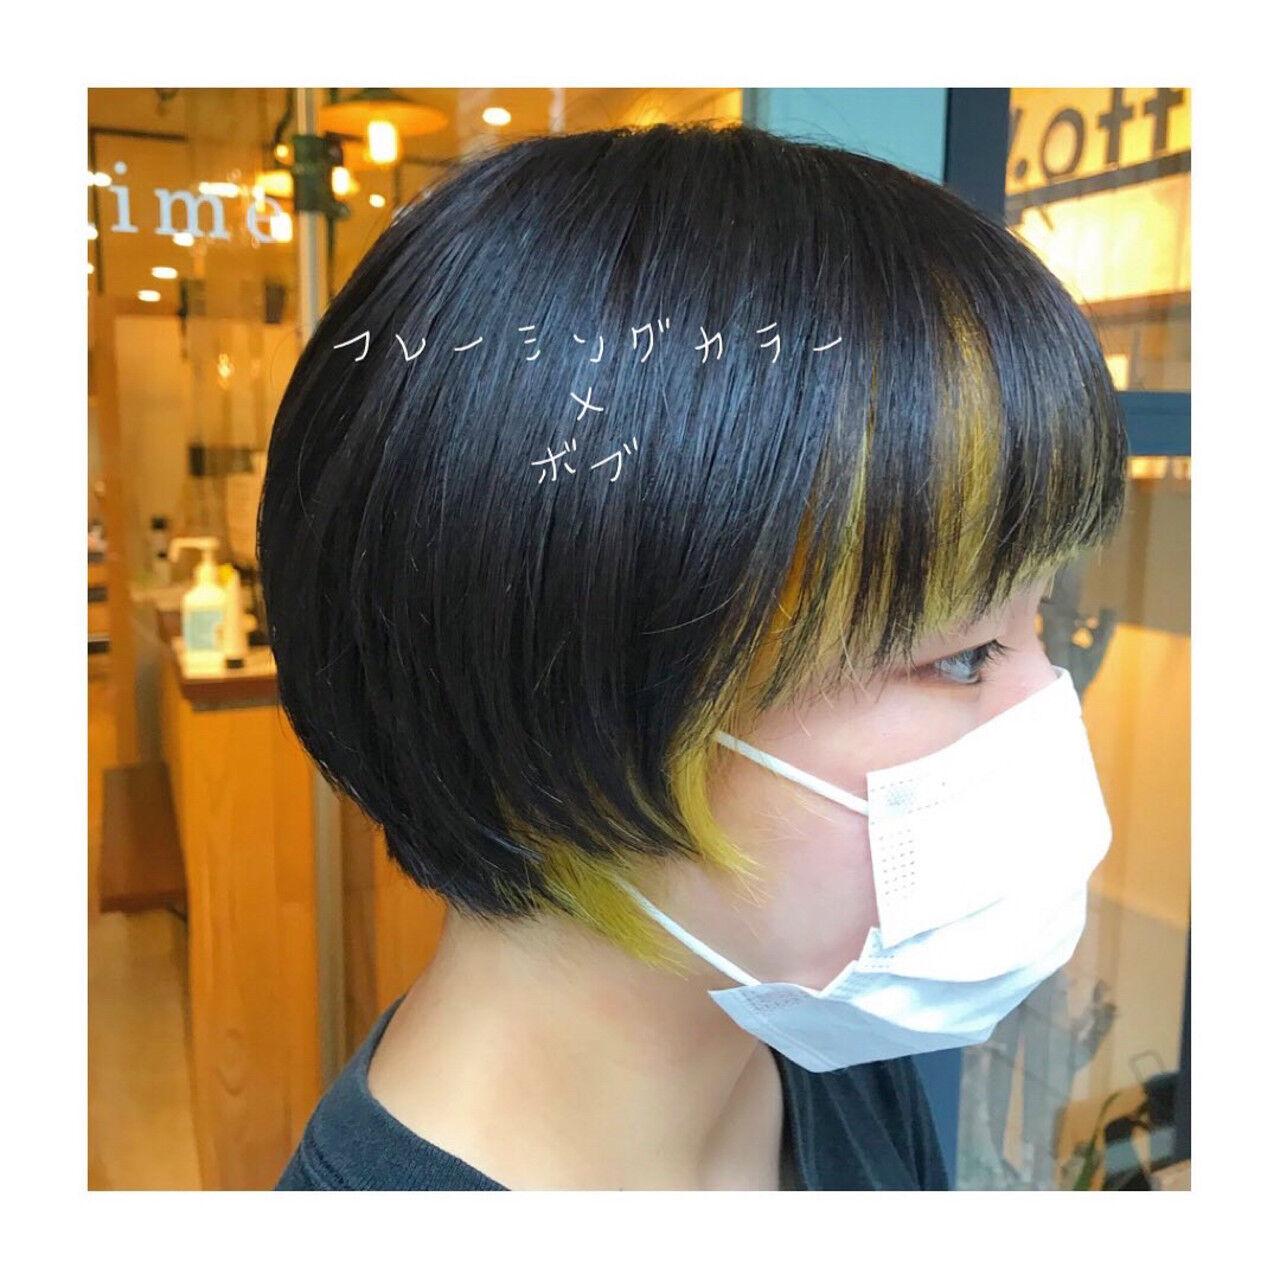 ツヤ髪 黒髪ショート モード ショートボブヘアスタイルや髪型の写真・画像